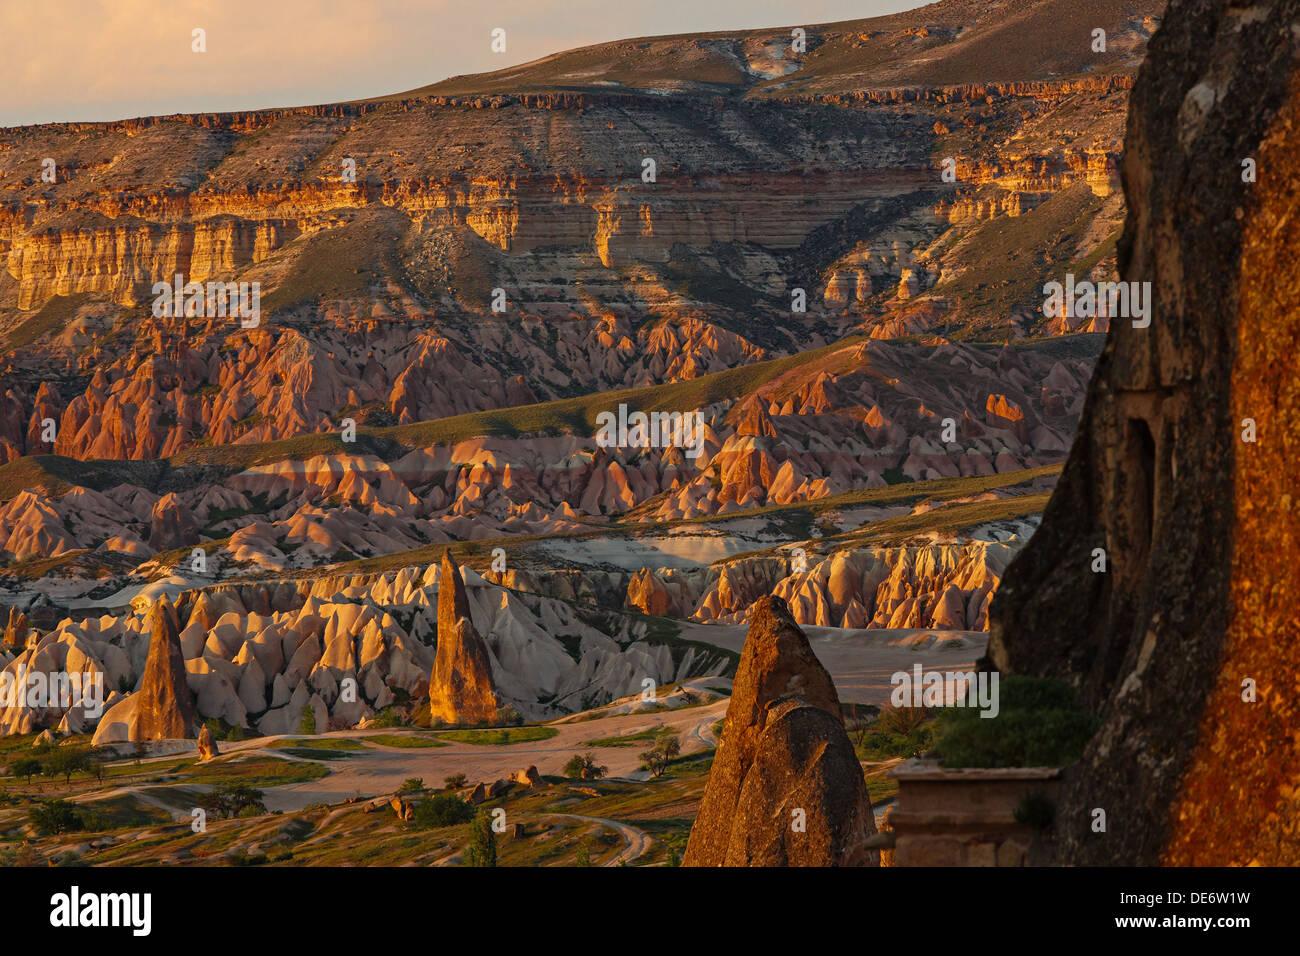 Rosa valle - una puesta de sol vista desde Goreme, Capadocia, Turquía Imagen De Stock